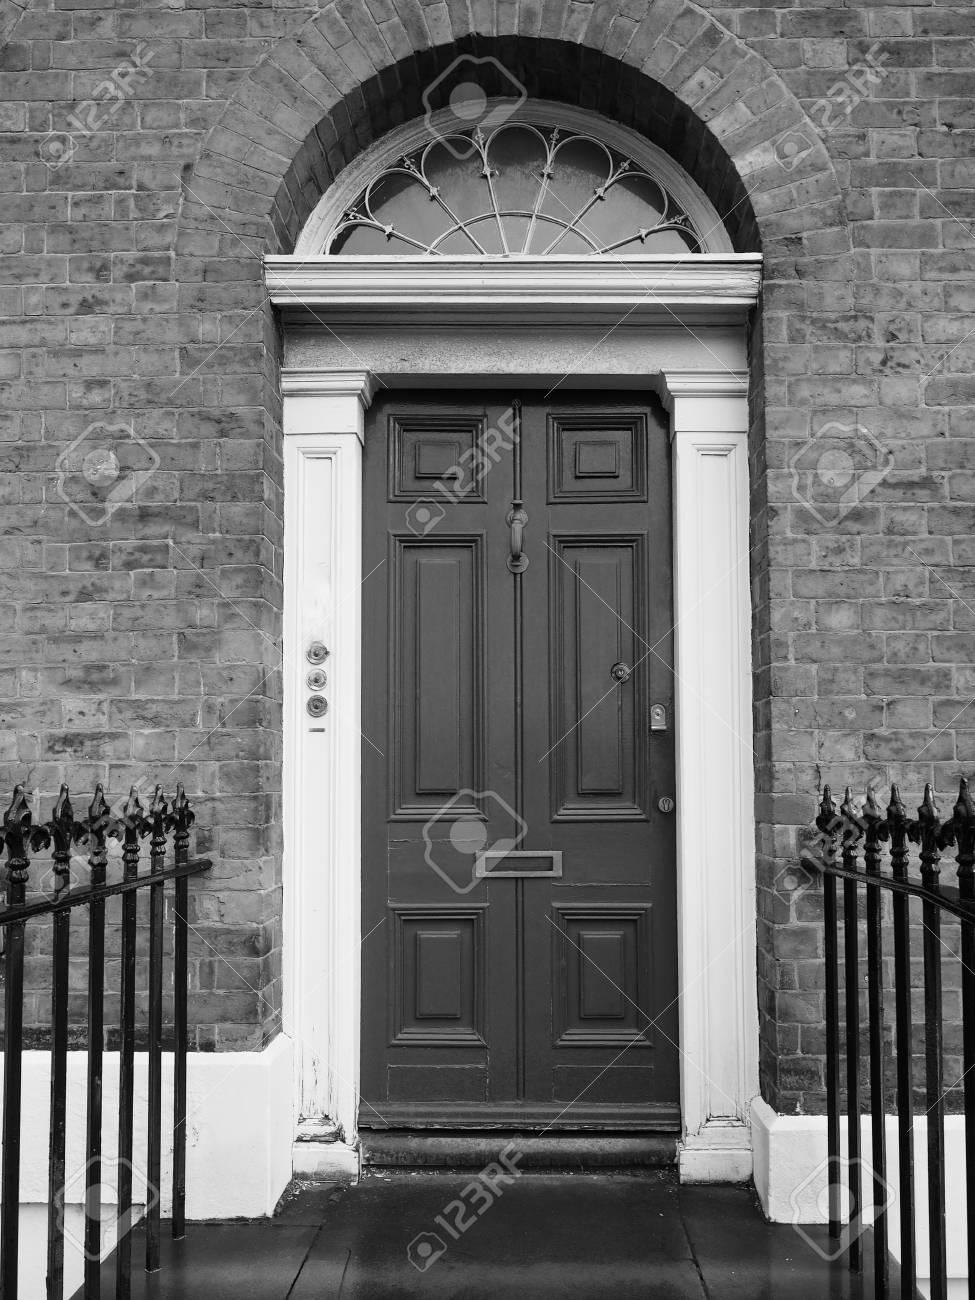 Entrée Noir Et Blanc une porte d'entrée traditionnelle d'une maison britannique en noir et blanc